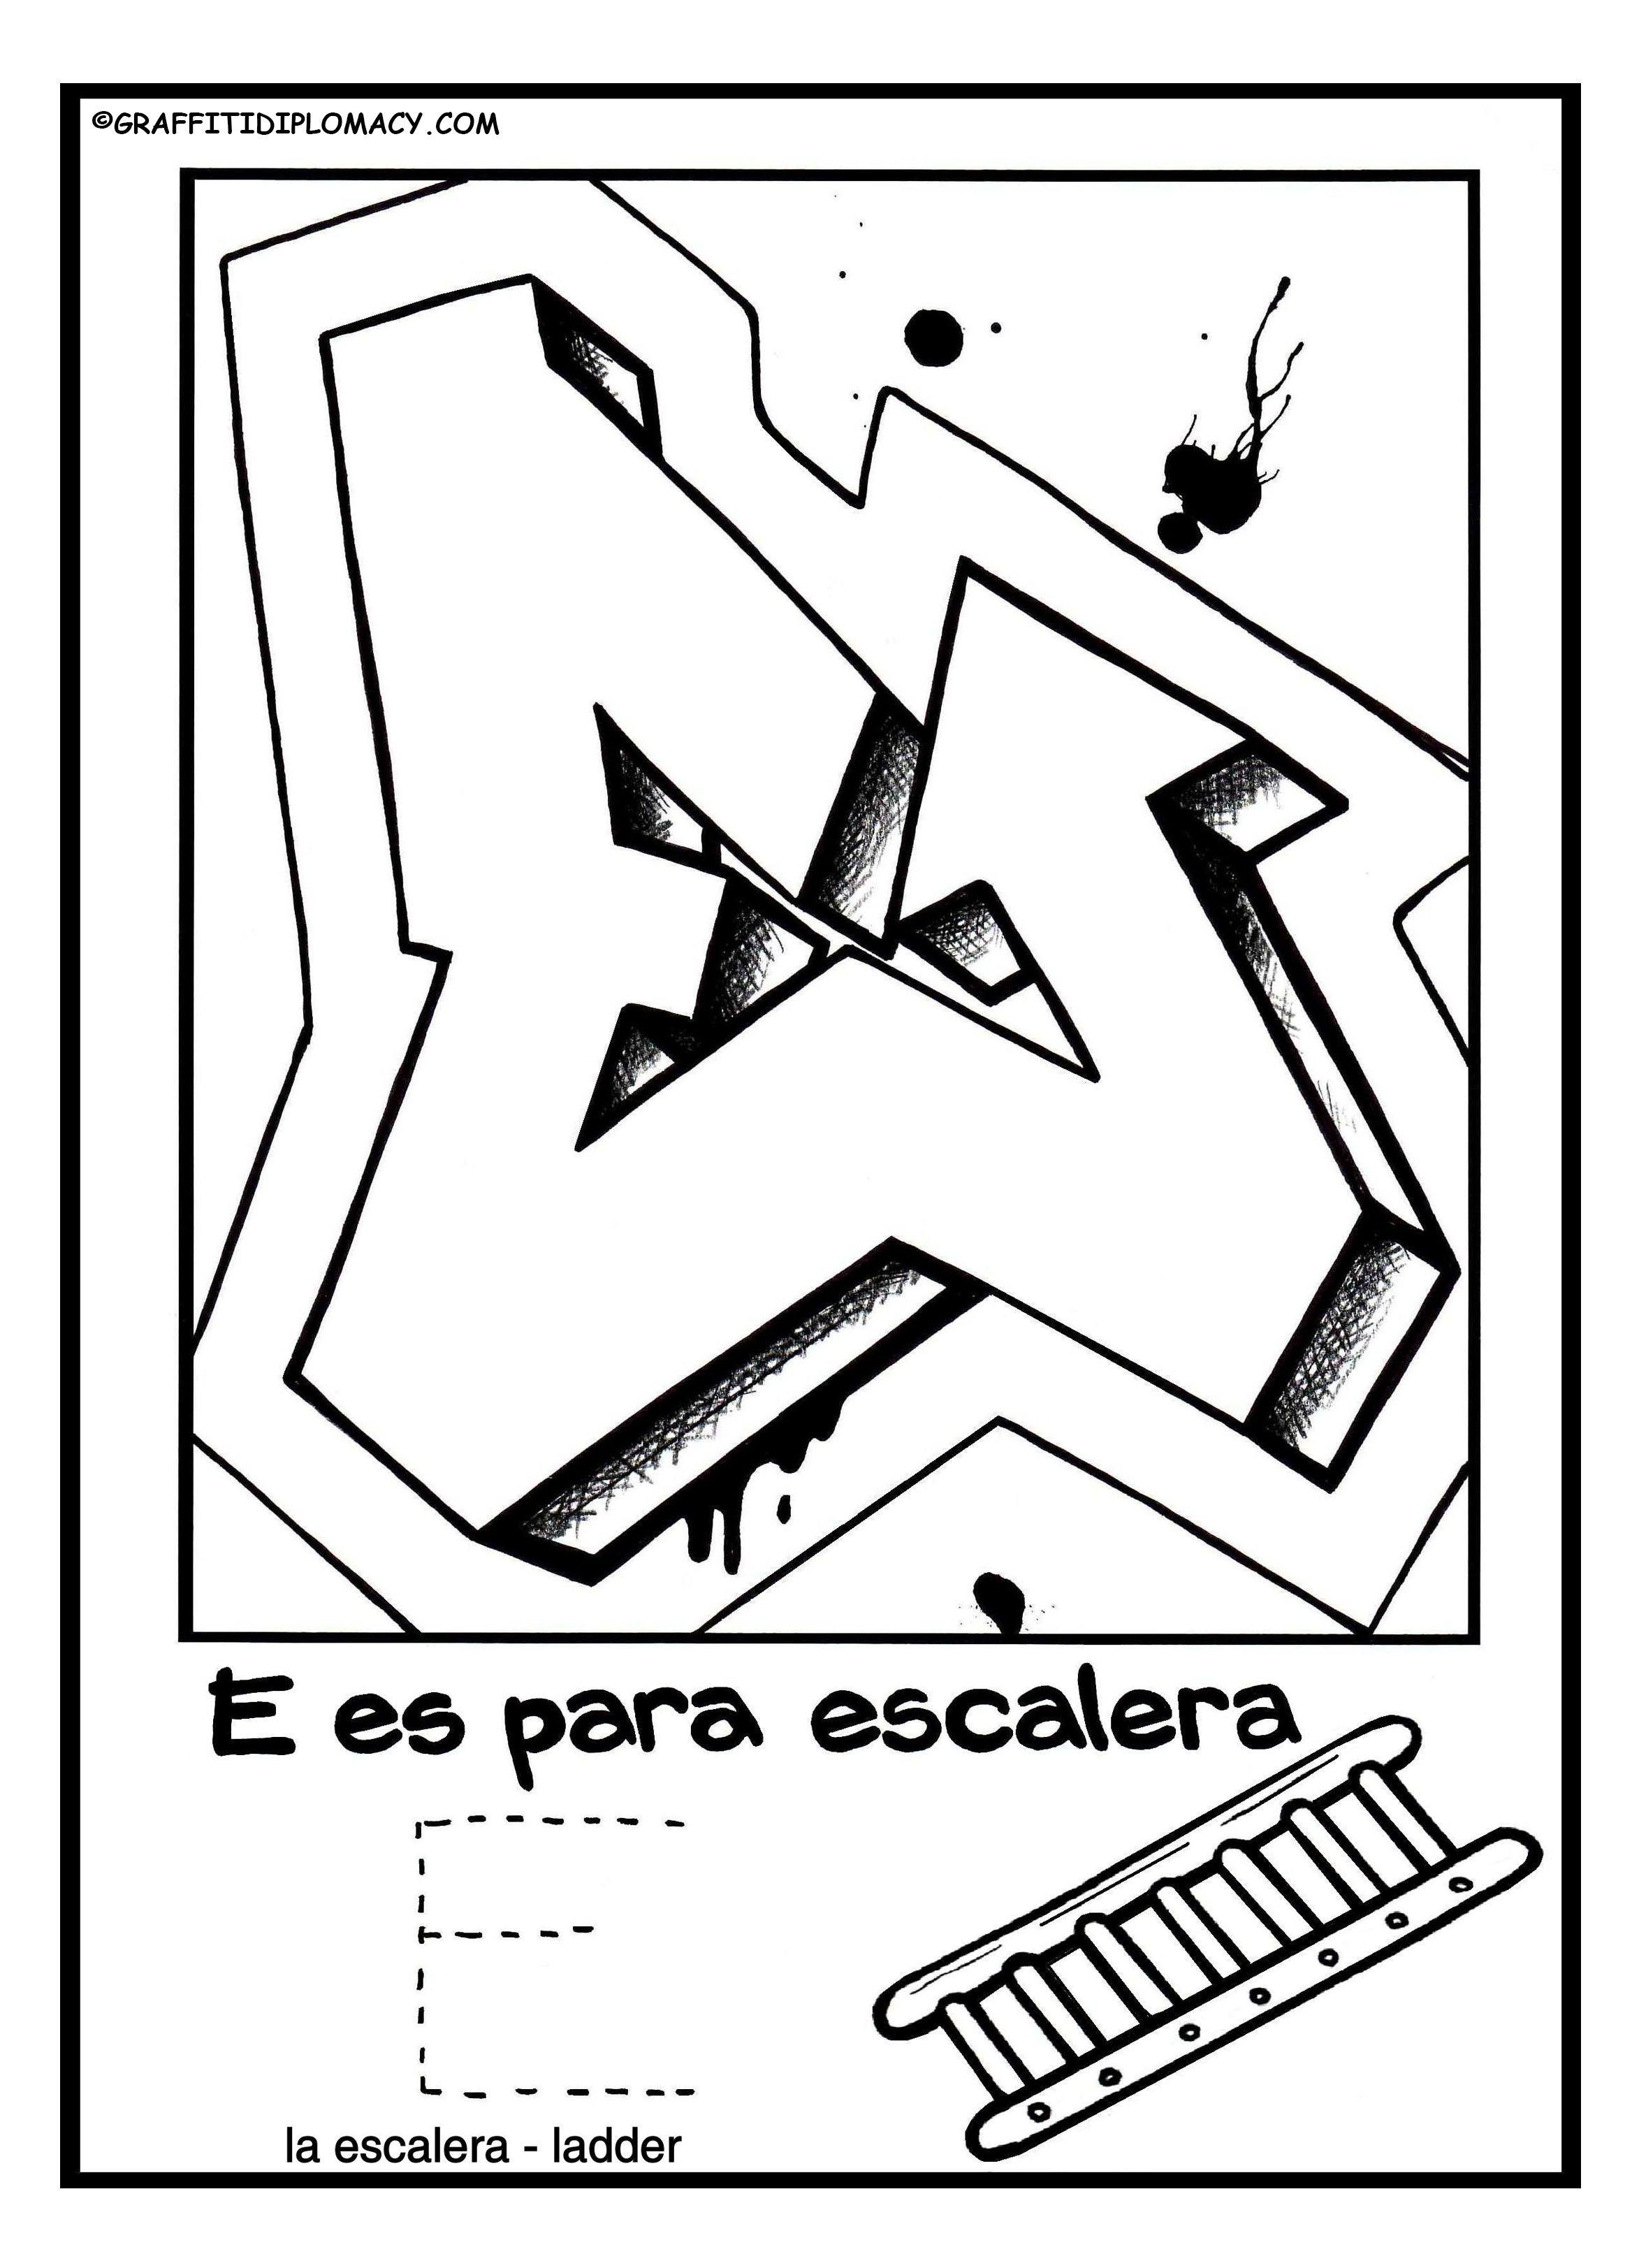 E_for_website_Spanisg_Alphabet_Coloring_Book_Graffiti